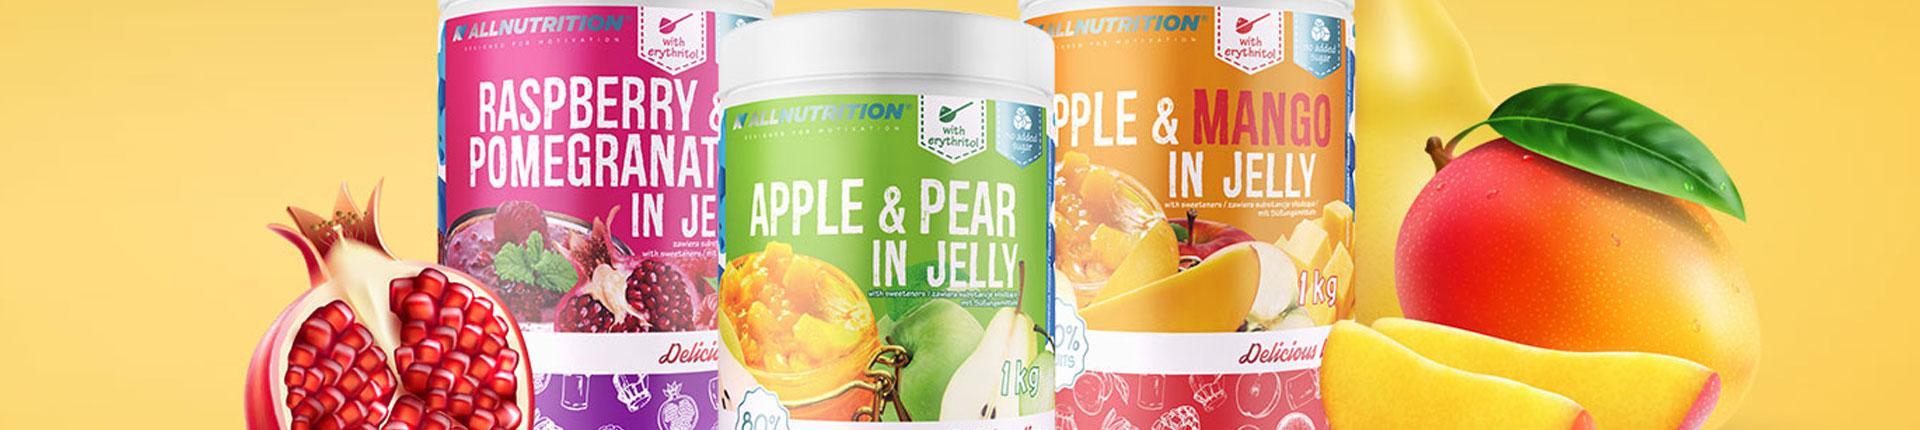 Pyszne owoce zanurzone w słodkim i delikatnym żelu - poznaj nowe smaki!